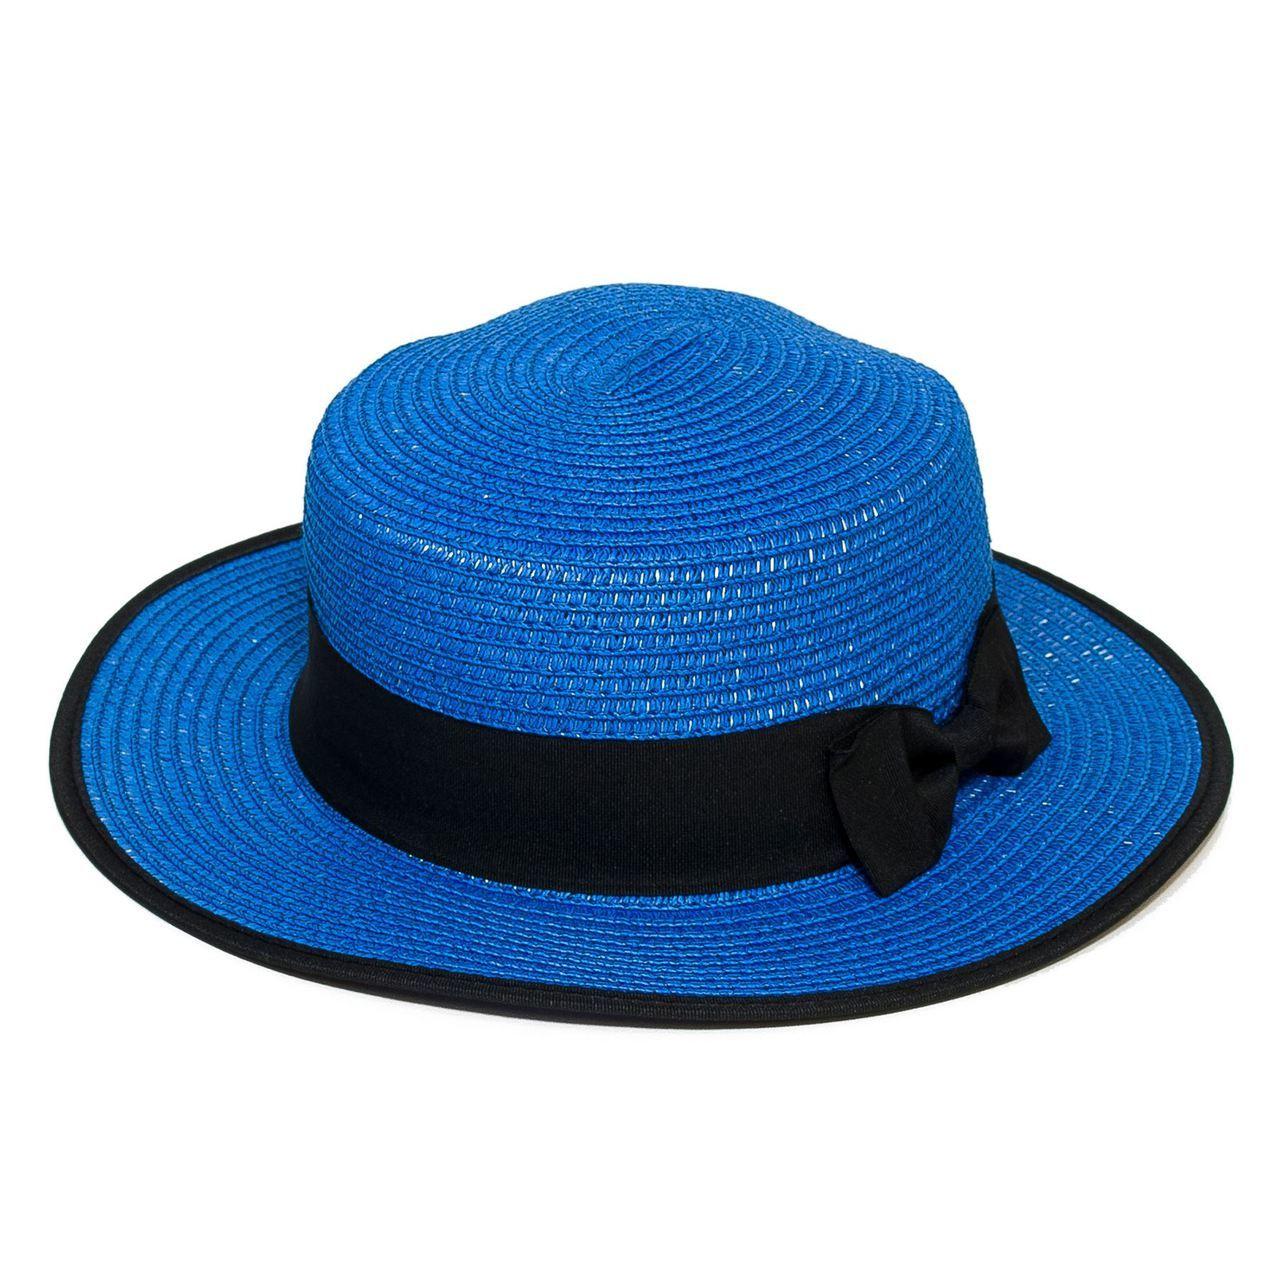 Letní klobouk barva modrá Assante 161219